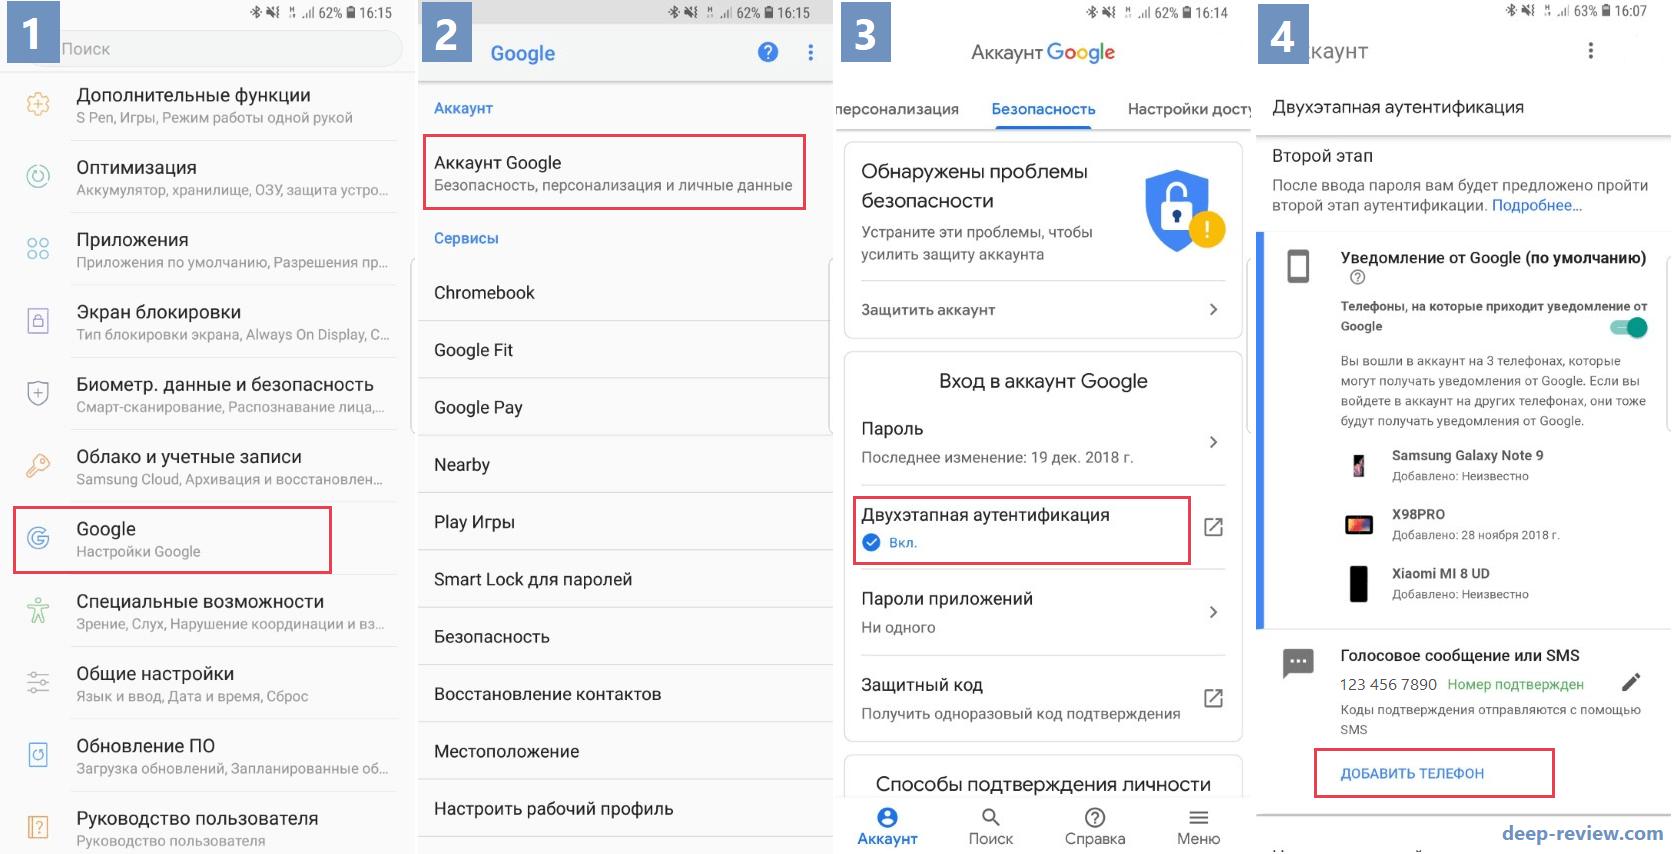 Как добавить резервный телефон